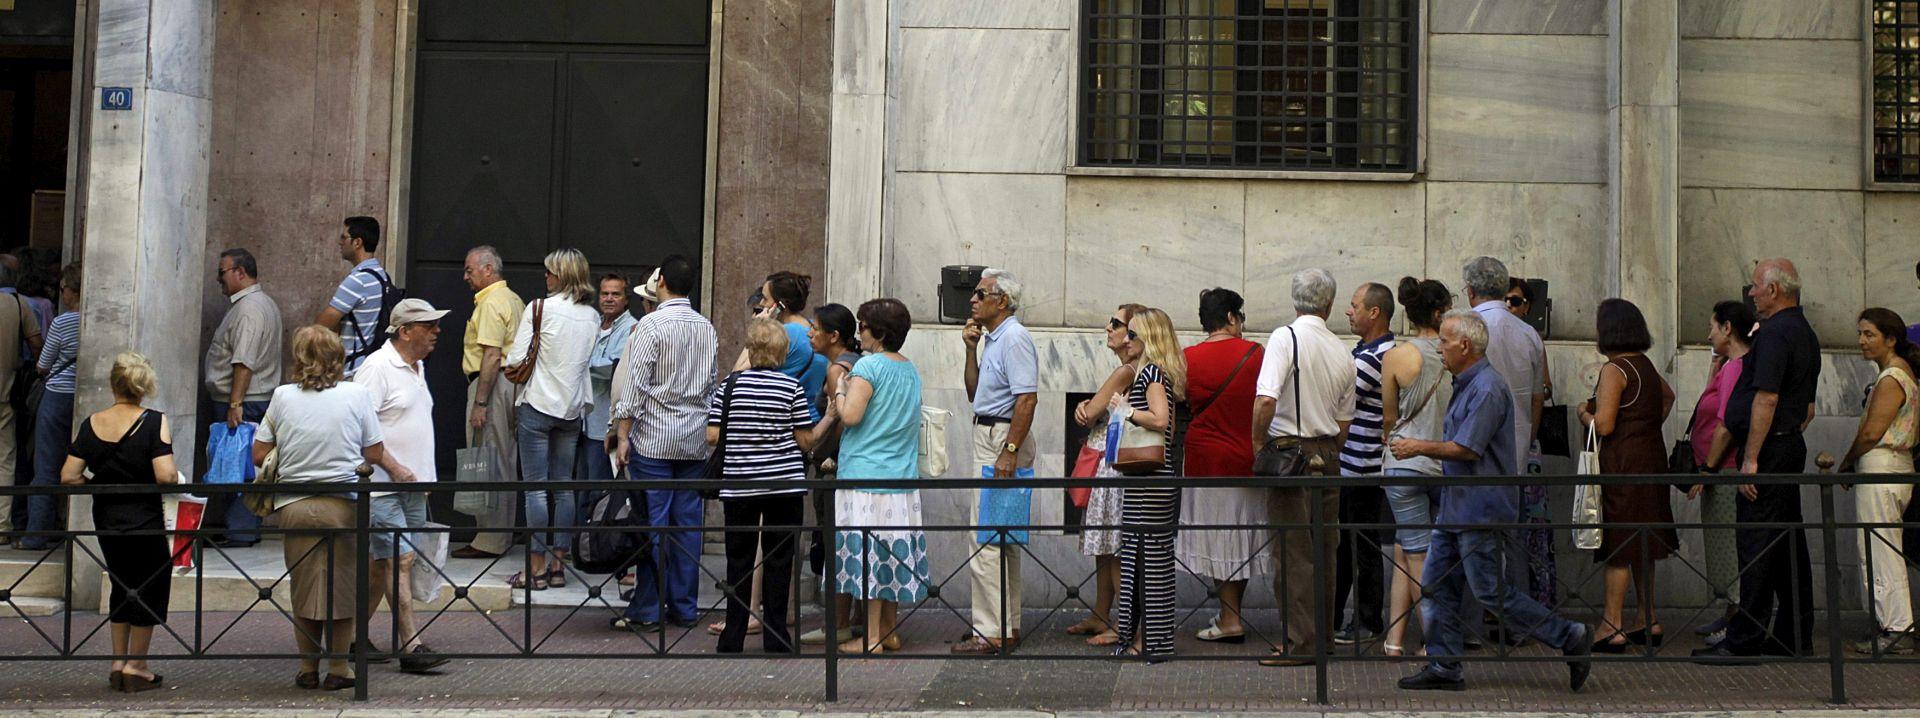 NASTAVAK PREGOVORA: Međunarodni vjerovnici u Grčku stižu u idućih nekoliko dana